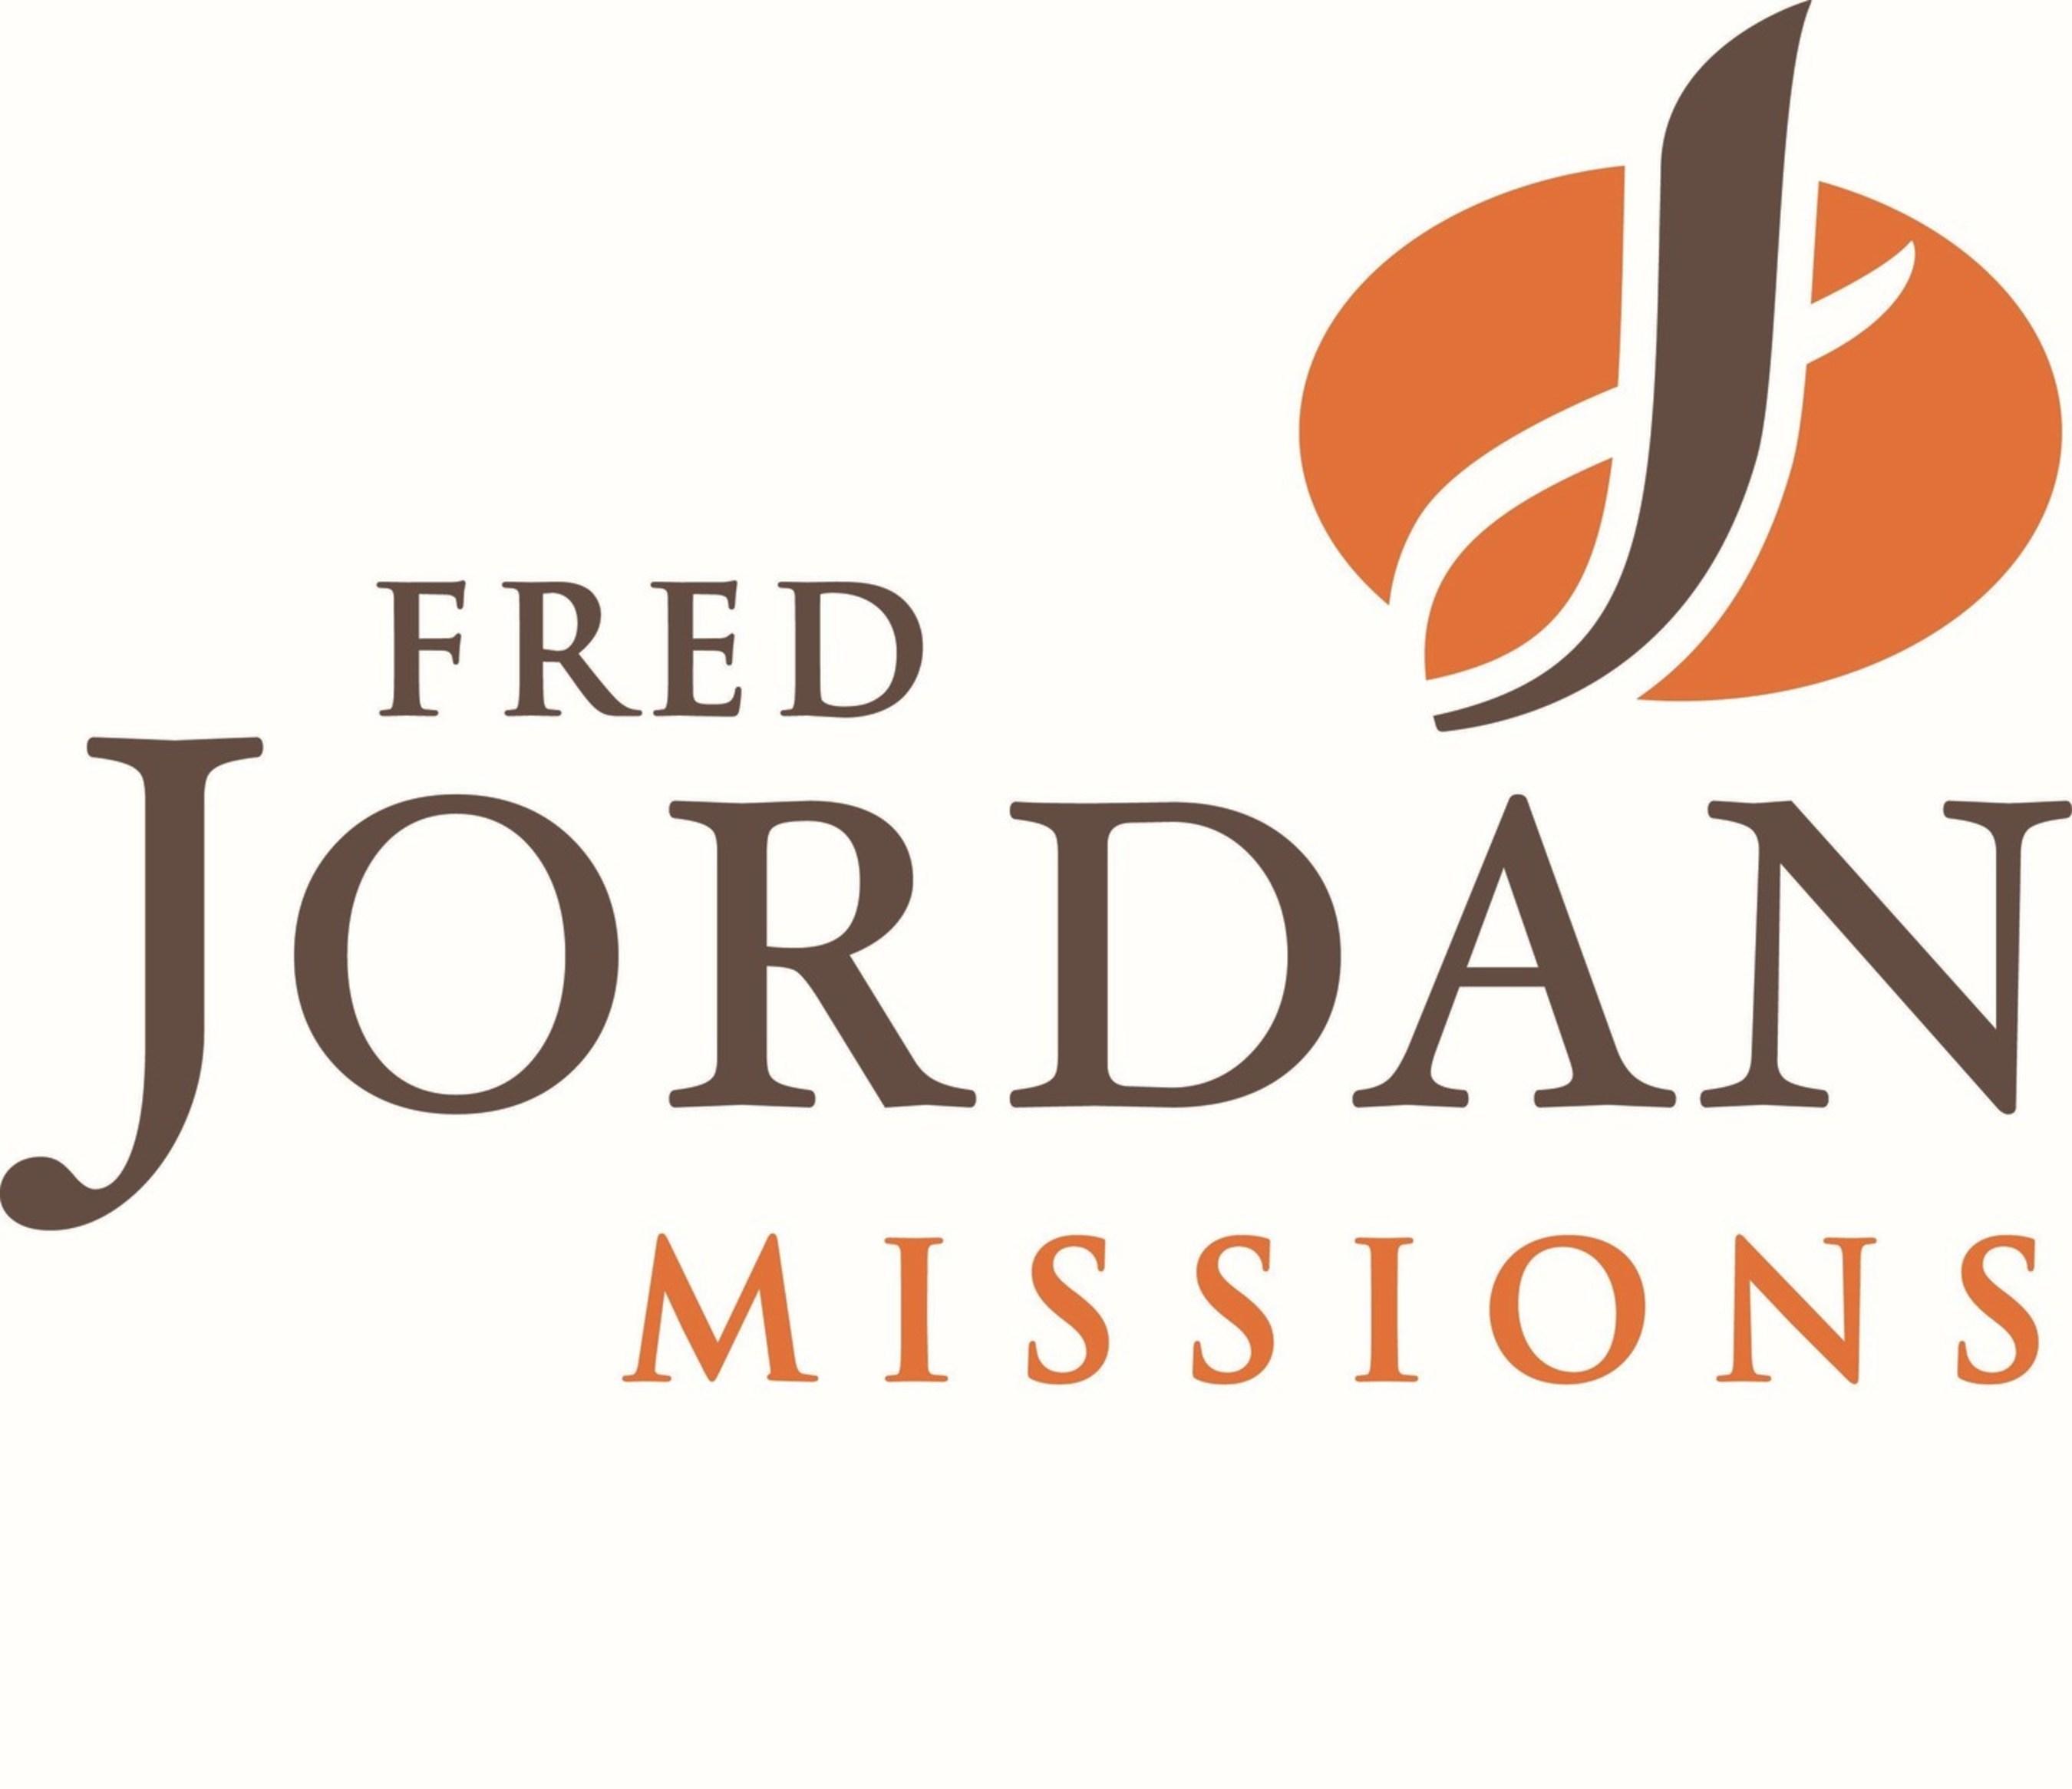 Fred Jordan Missions Logo (PRNewsfoto/The Fred Jordan Mission)